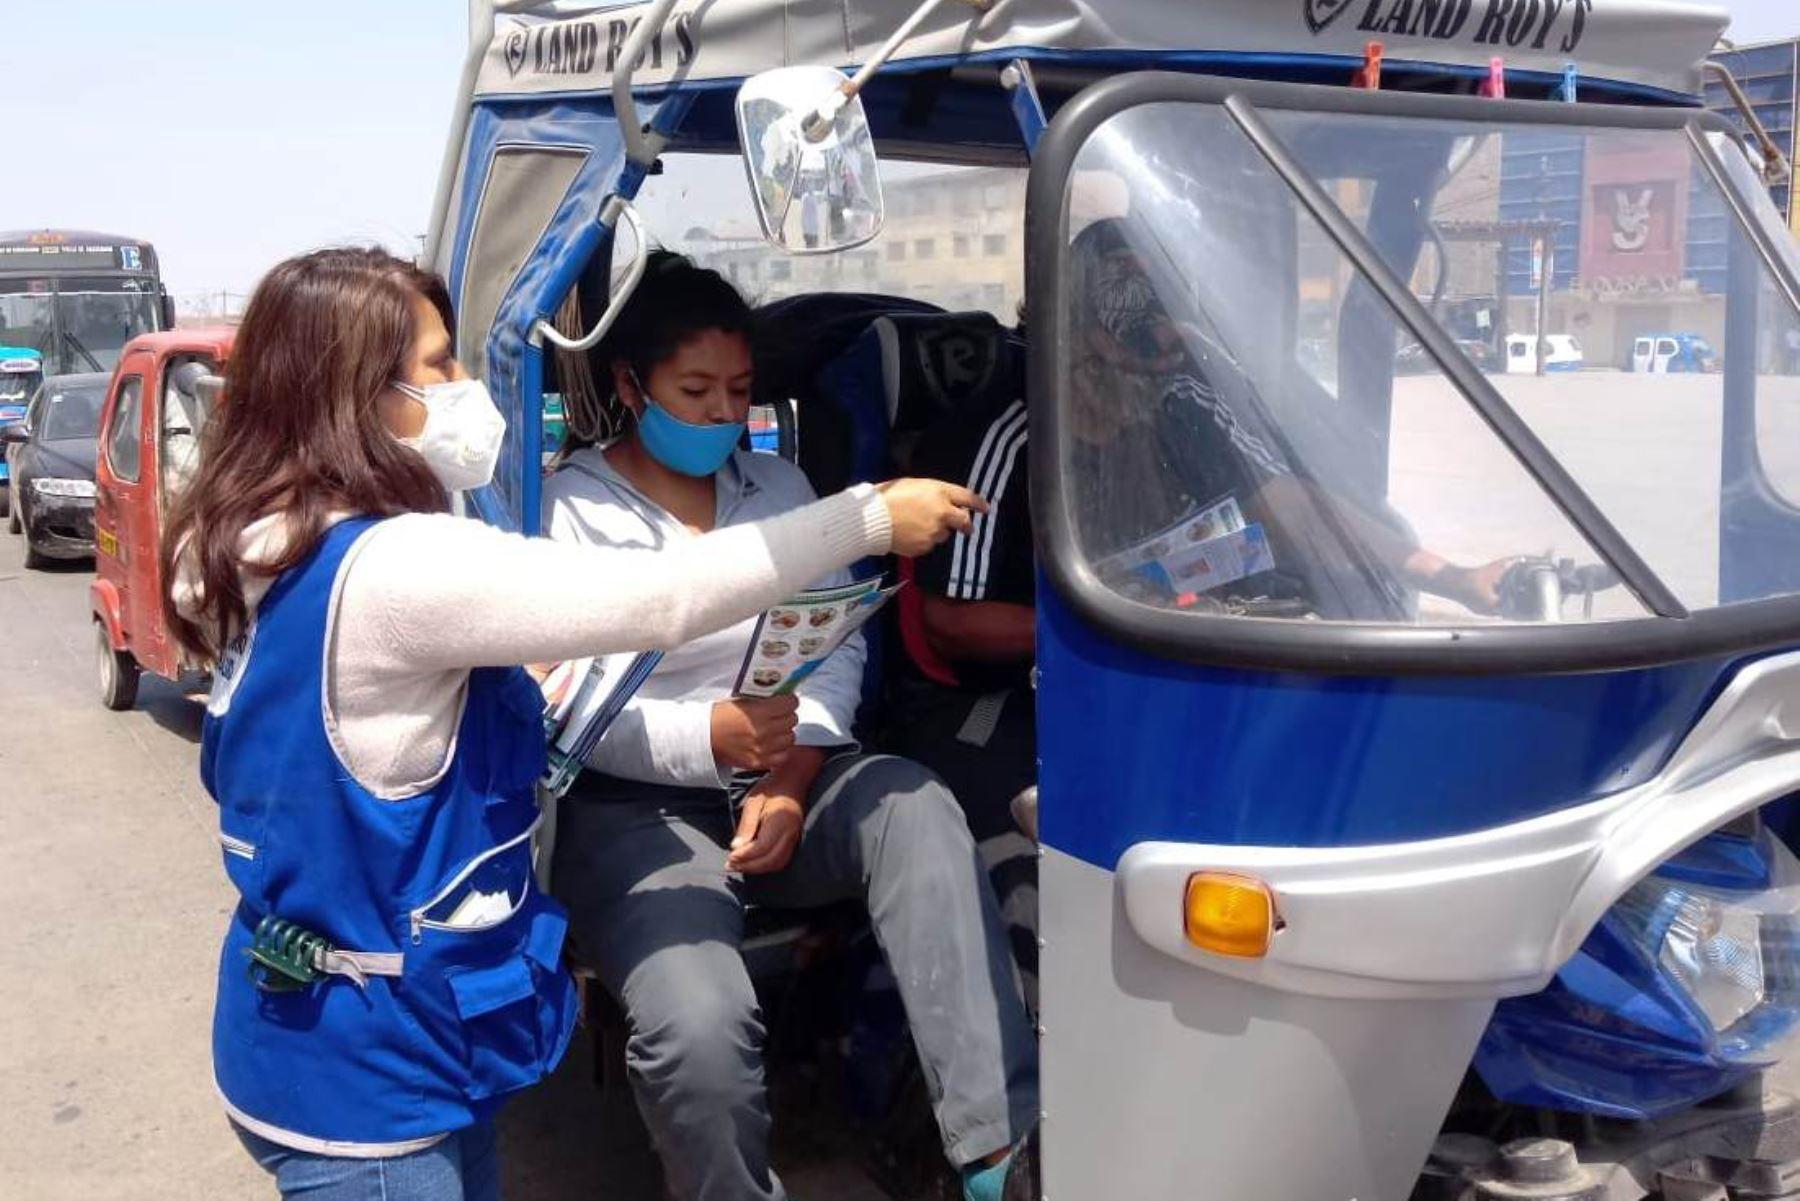 Ministerio de Salud, recorre las principales avenidas del distrito de Villa El Salvador brindando a la población información sobre las medidas de prevención para evitar el contagio del Covid -19 en el transporte público y mercados. Foto:ANDINA/DIRIS LimaSur